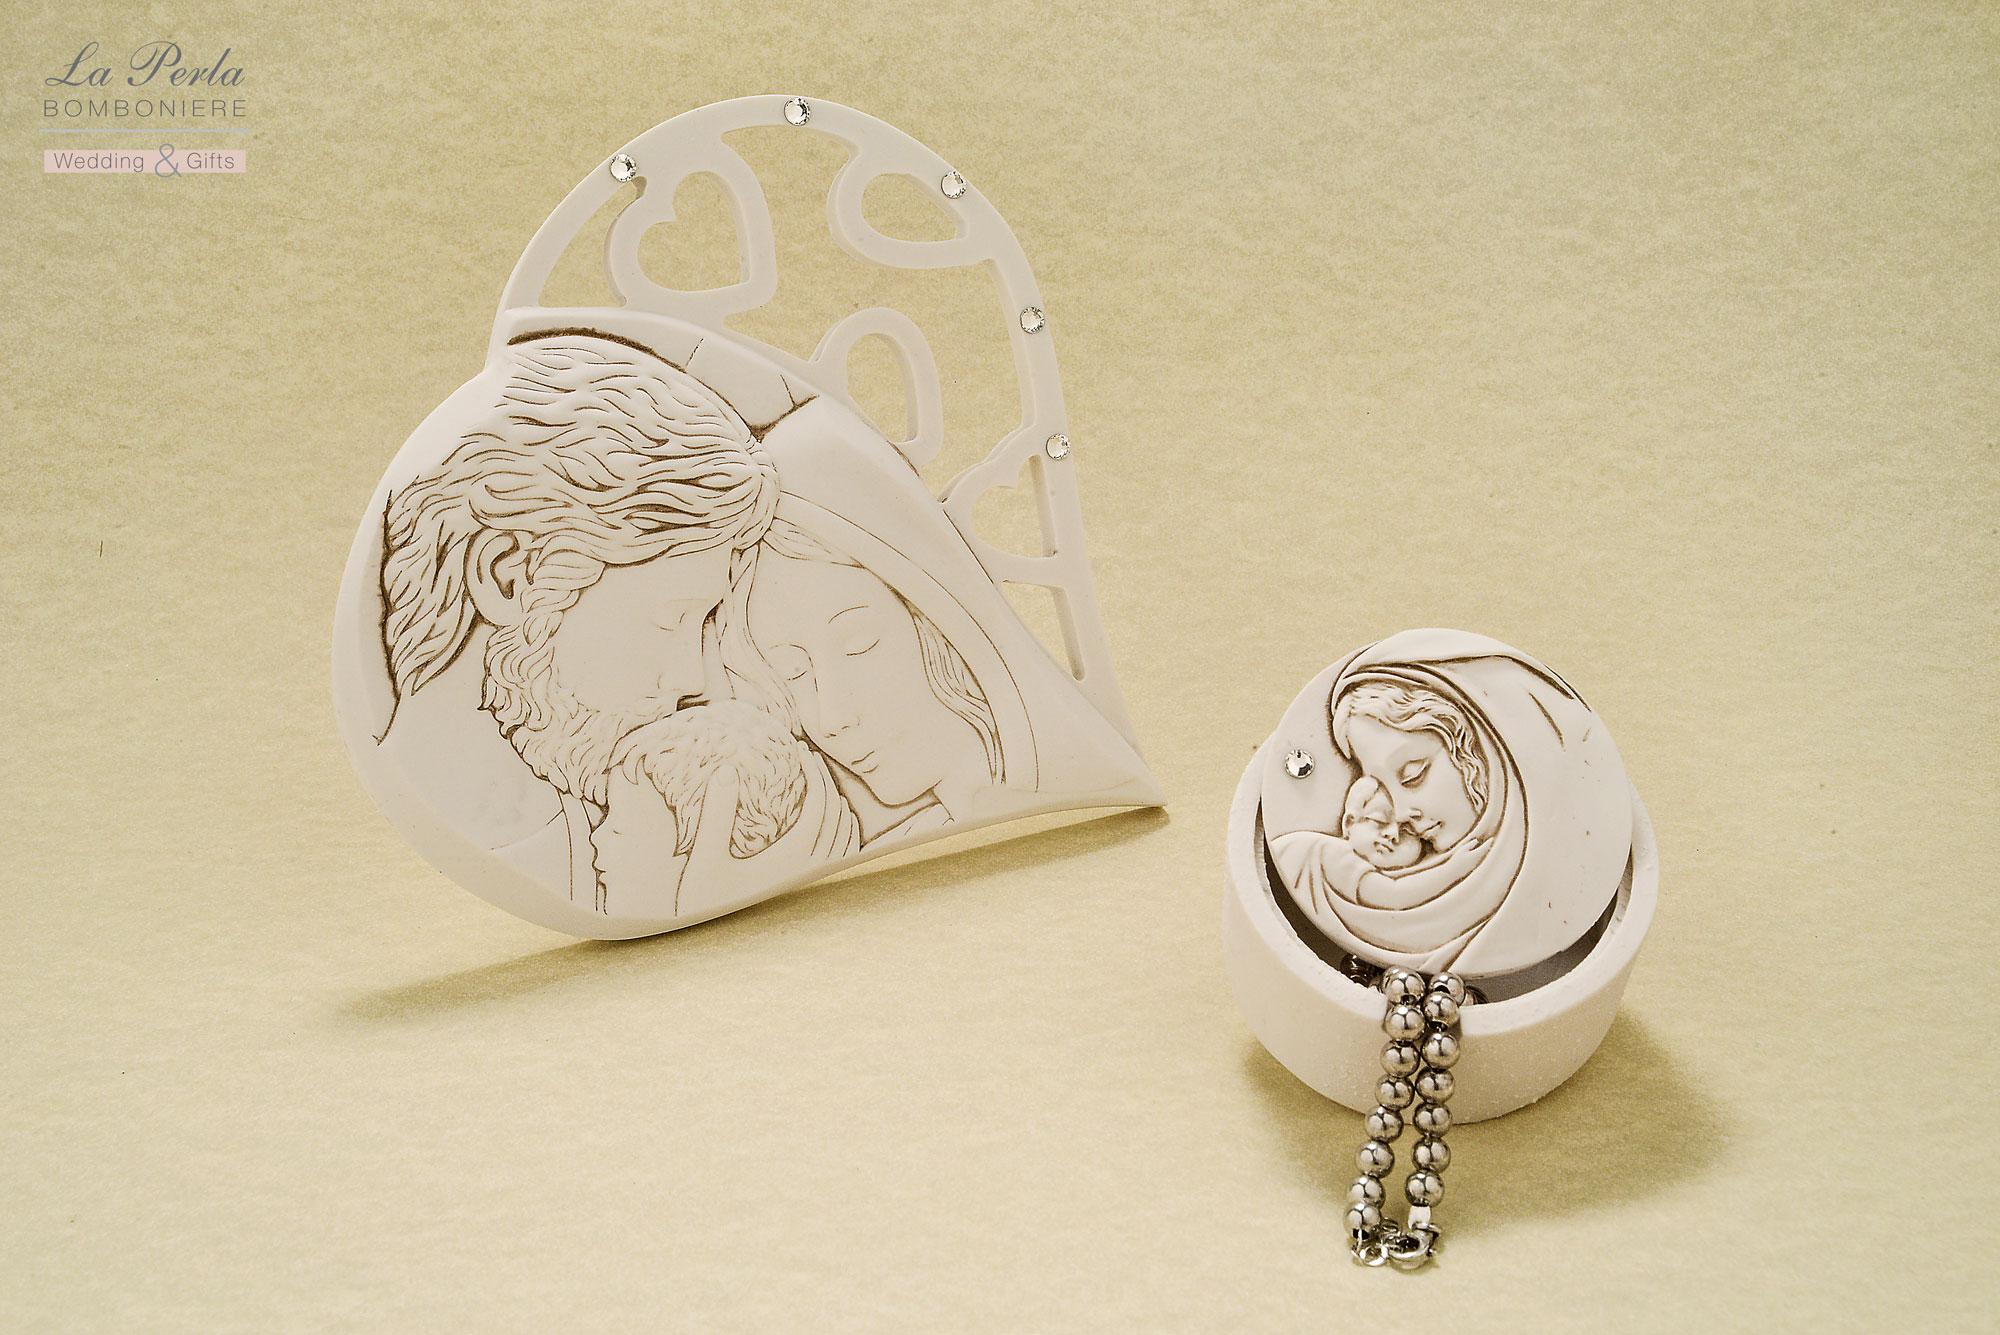 Immagine sacra con Sacra Famiglia e scatolina portagioie con Madonnina con Bimbo, in polvere di marmo di Carrara ricomposto, made in Italy. La tradizione proposta in versione dolce e moderna